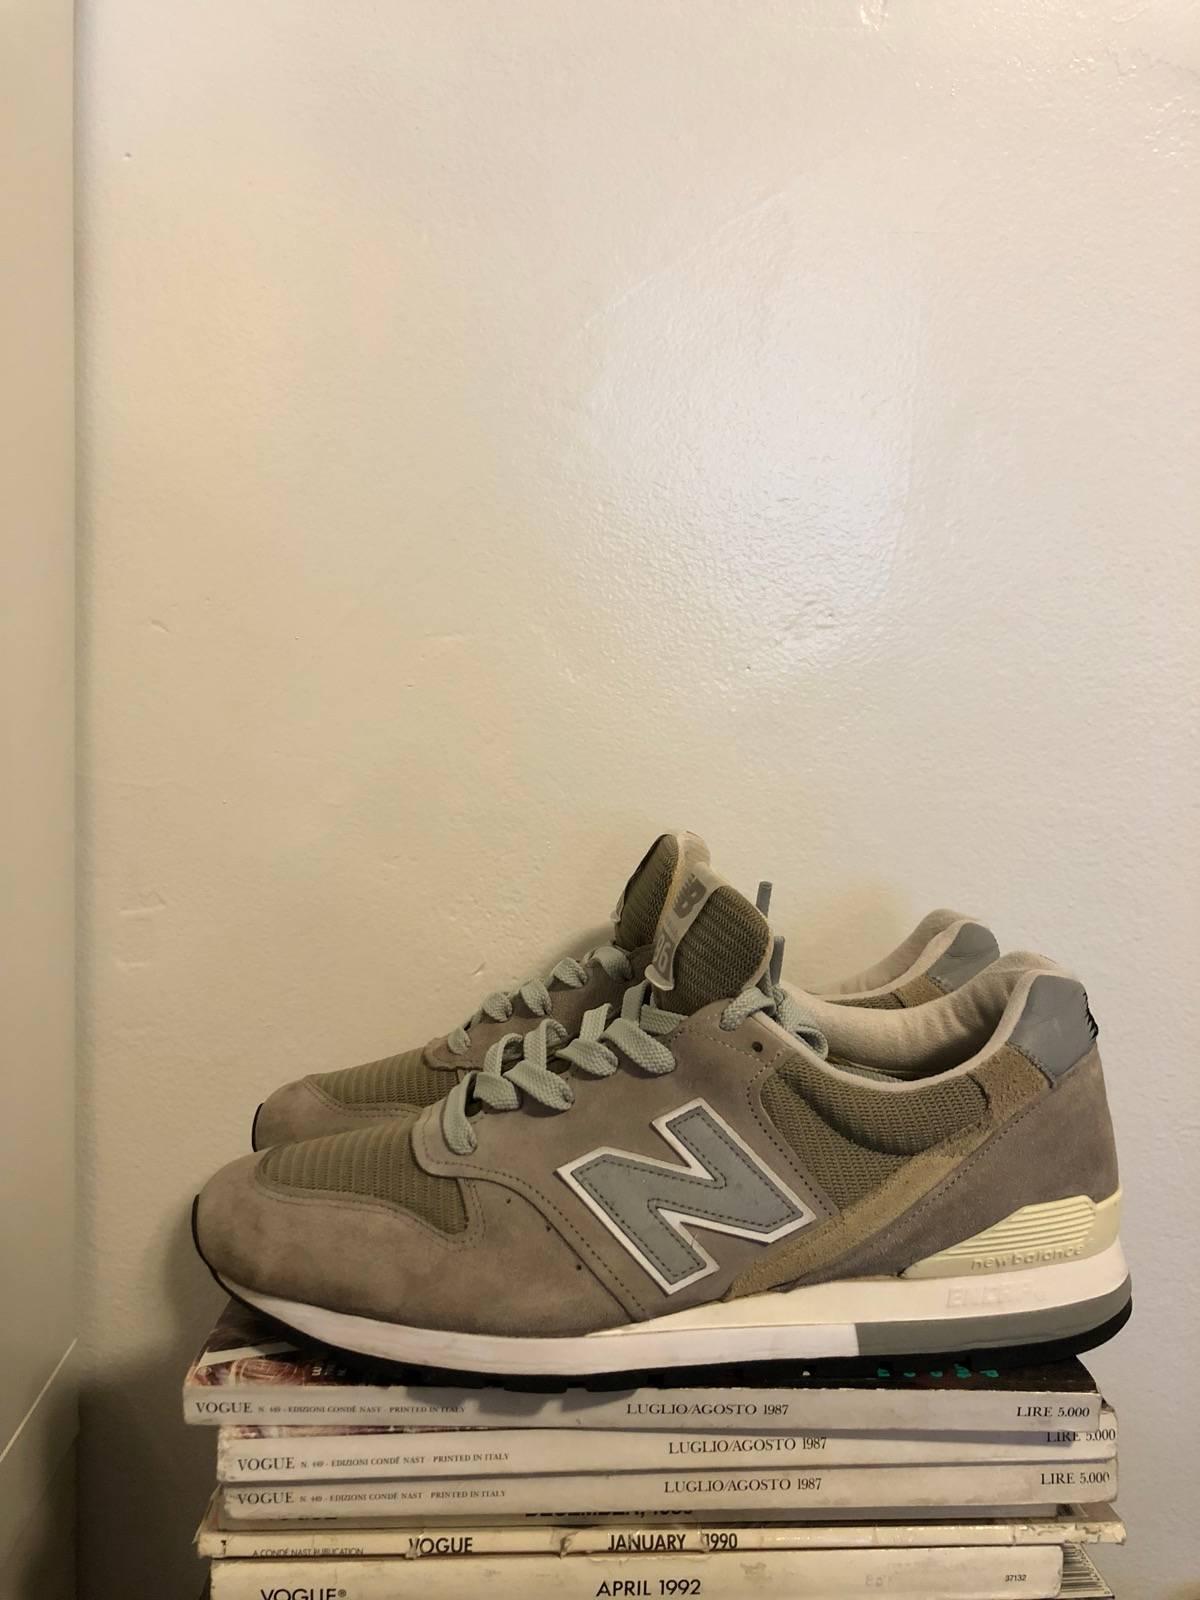 New Balance New Balance 996 Og Bringback Size 12 $43